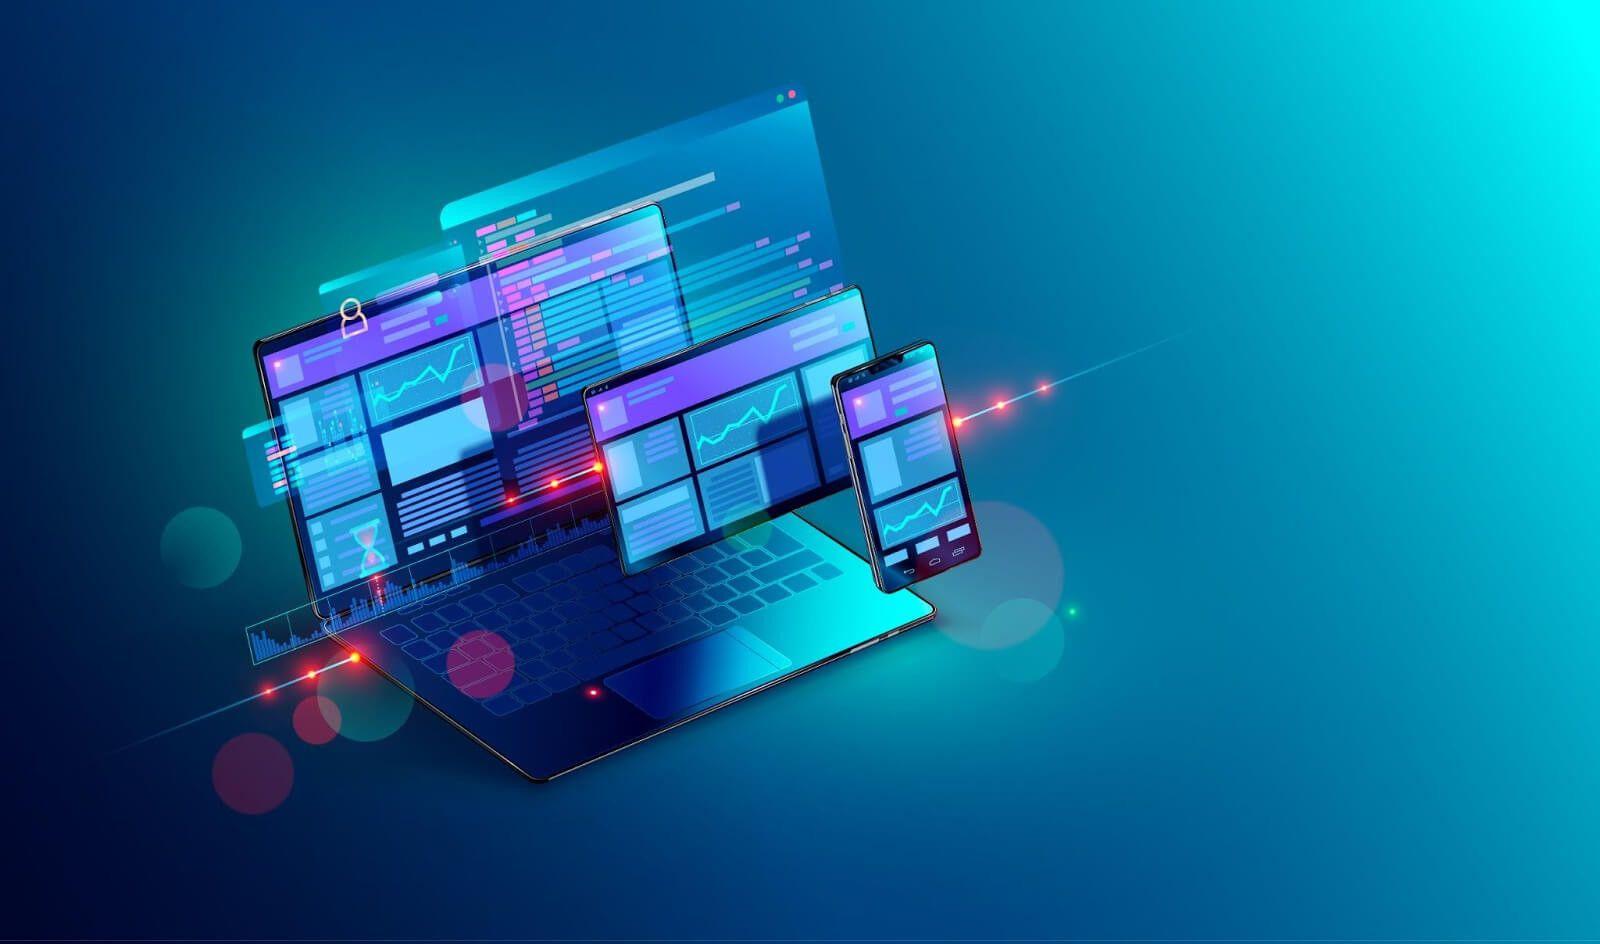 Claves de desarrollo y programación web